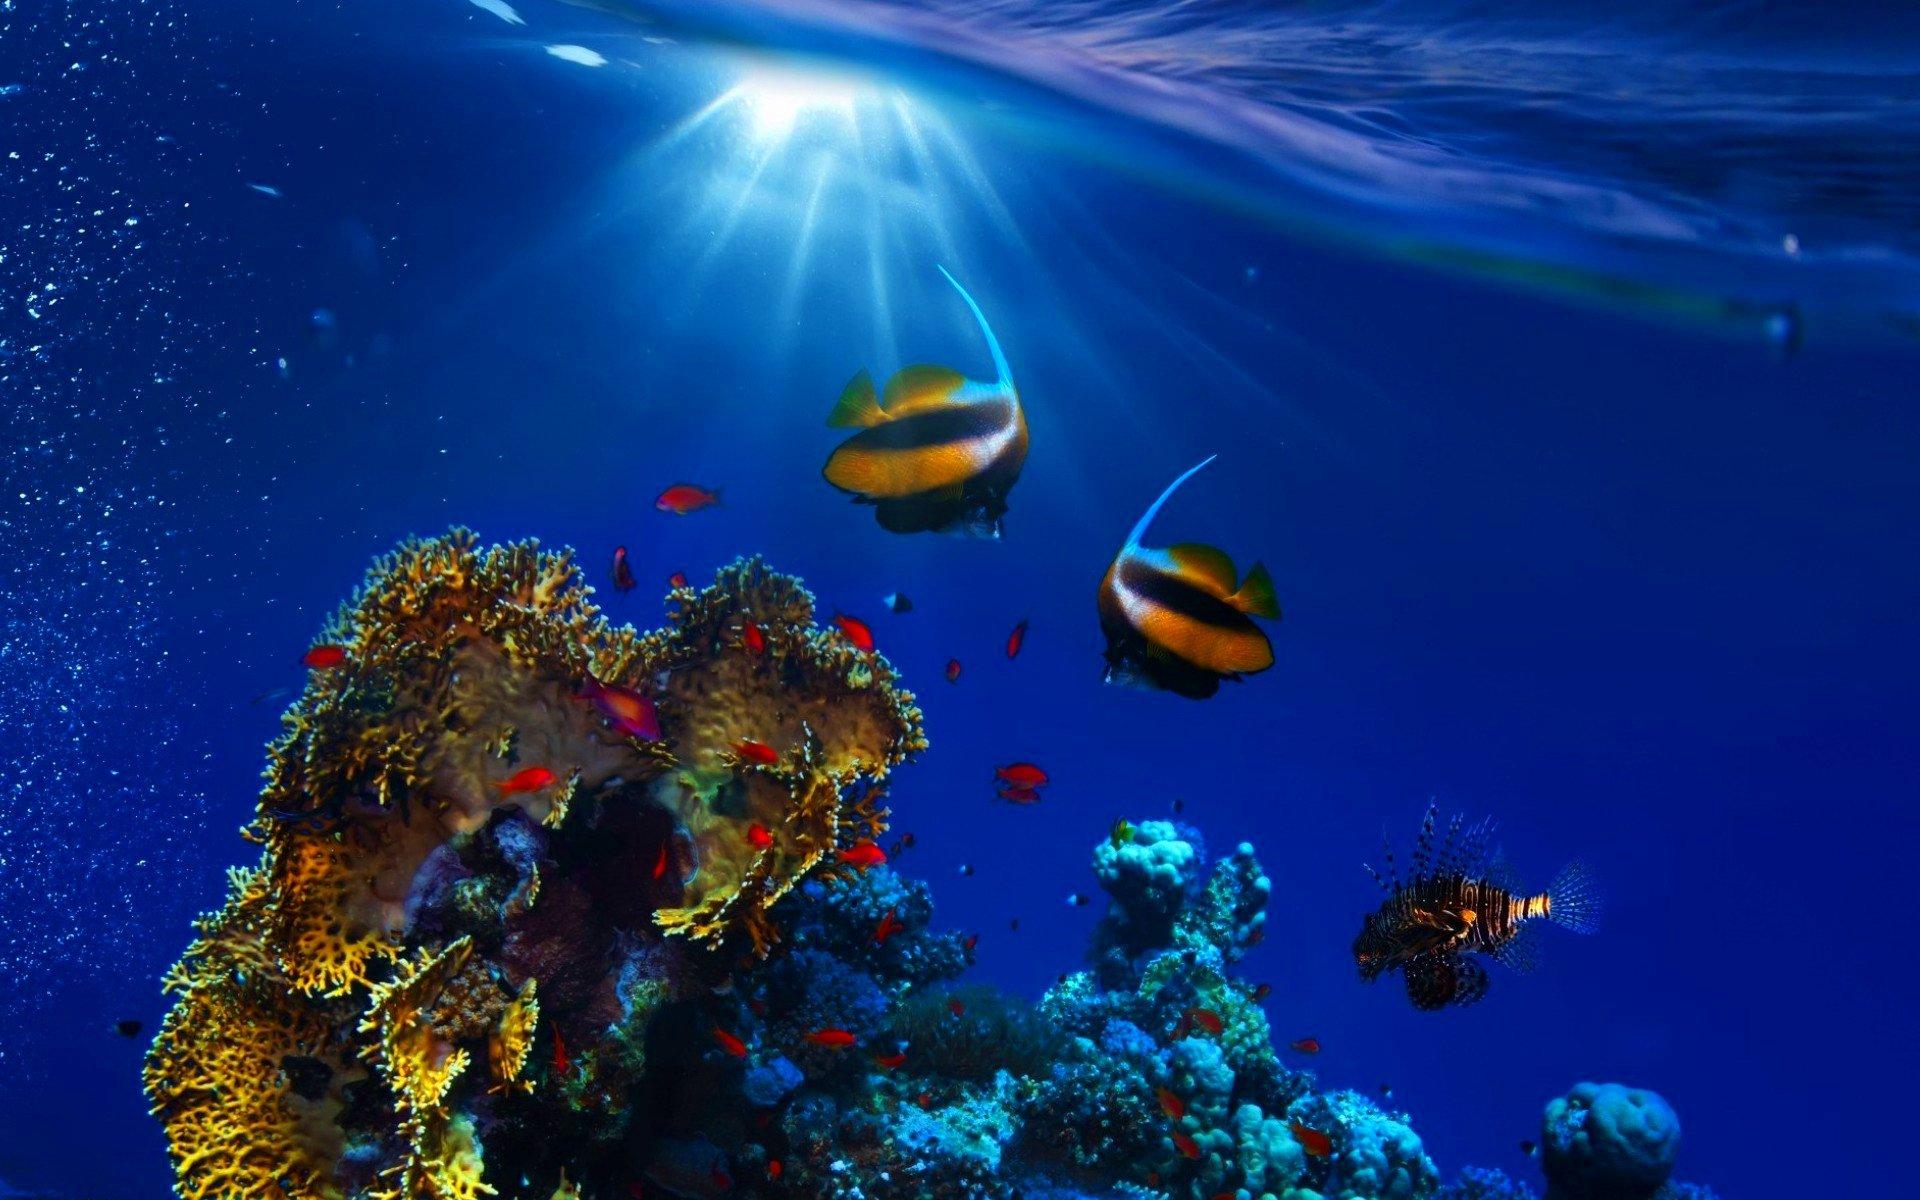 красивые фото море и рыбы в высоком разрешении достались ему его